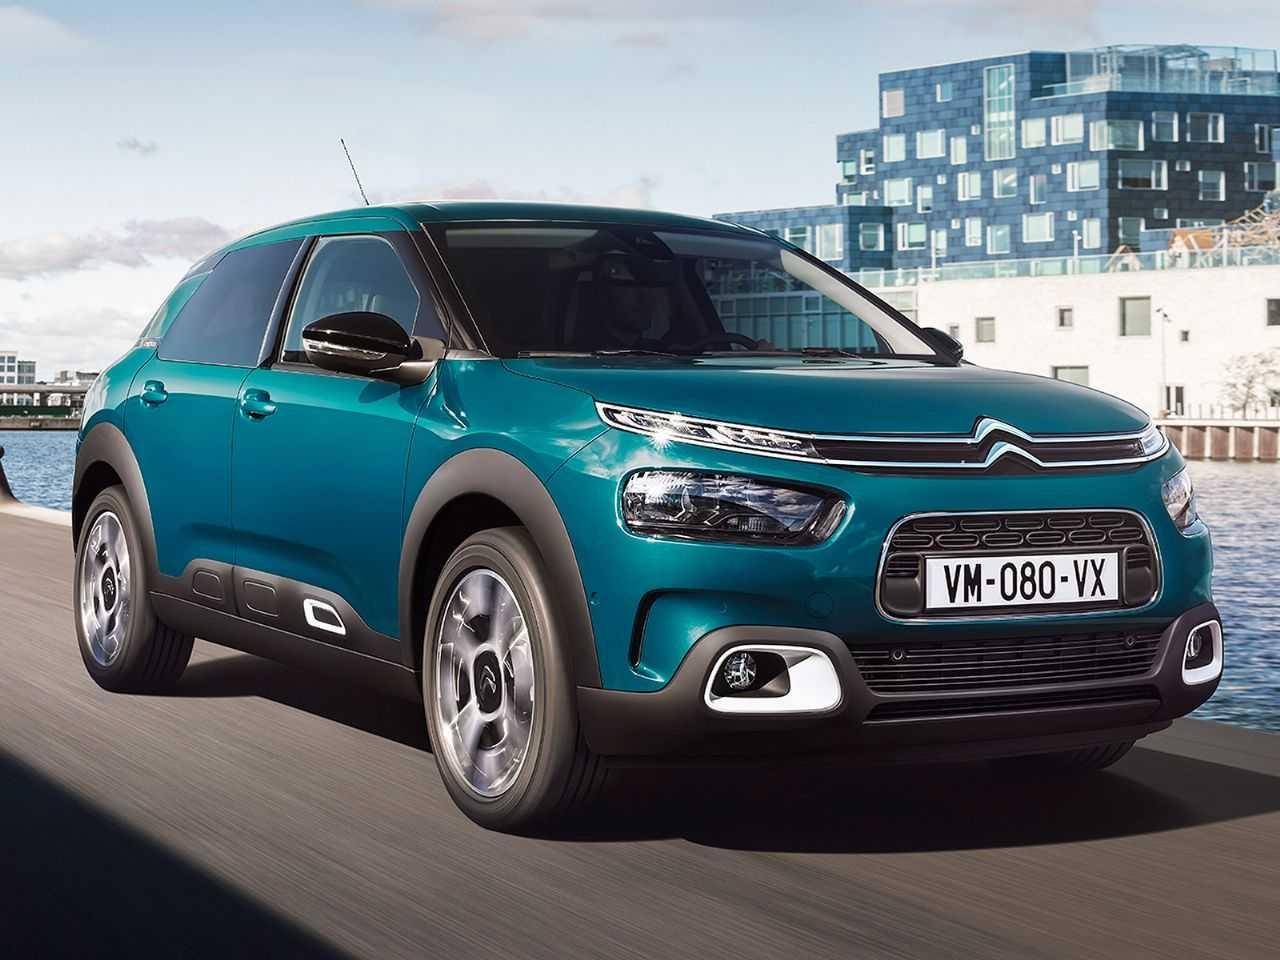 Acima o Citroën C4 Cactus europeu: por lá o modelo é considerado um hatch médio